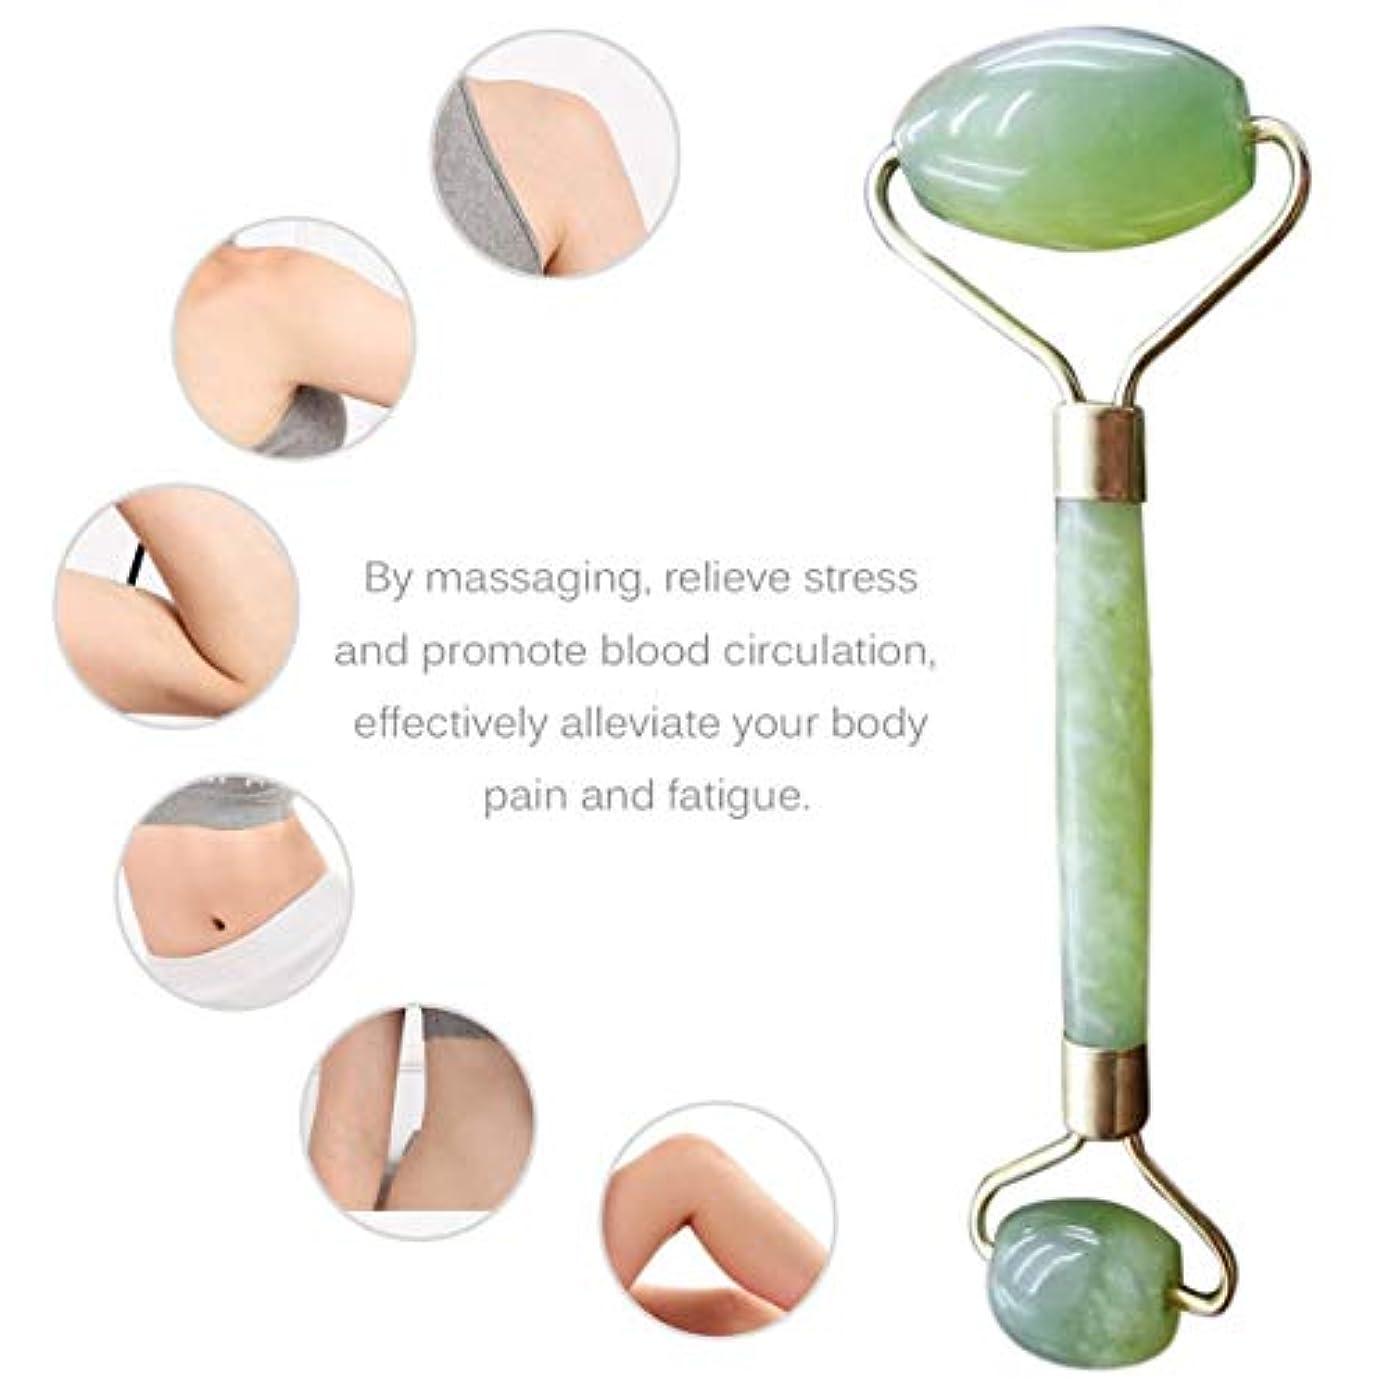 盆シャンプー暖炉Double Heads Natural Jade Face Care Massager Handheld Anti Wrinkle Healthy Face Body Foot Massage Tools Best Gift